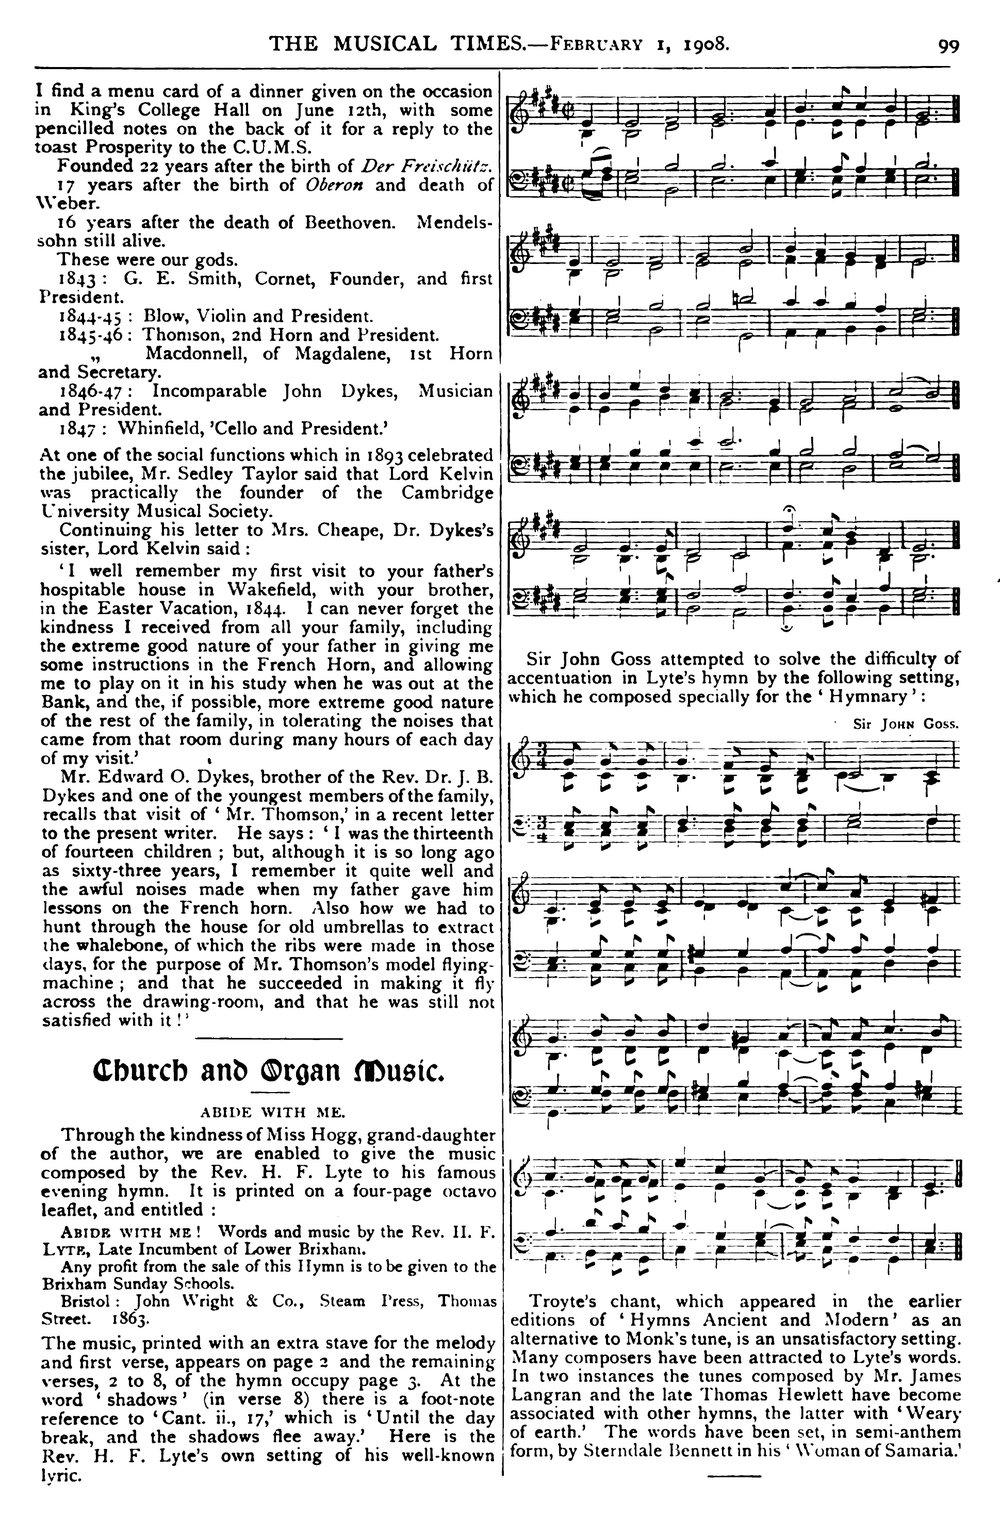 Fig. 4.   The Musical Times,  1 Feb. 1908 (vol. 49), p. 99.